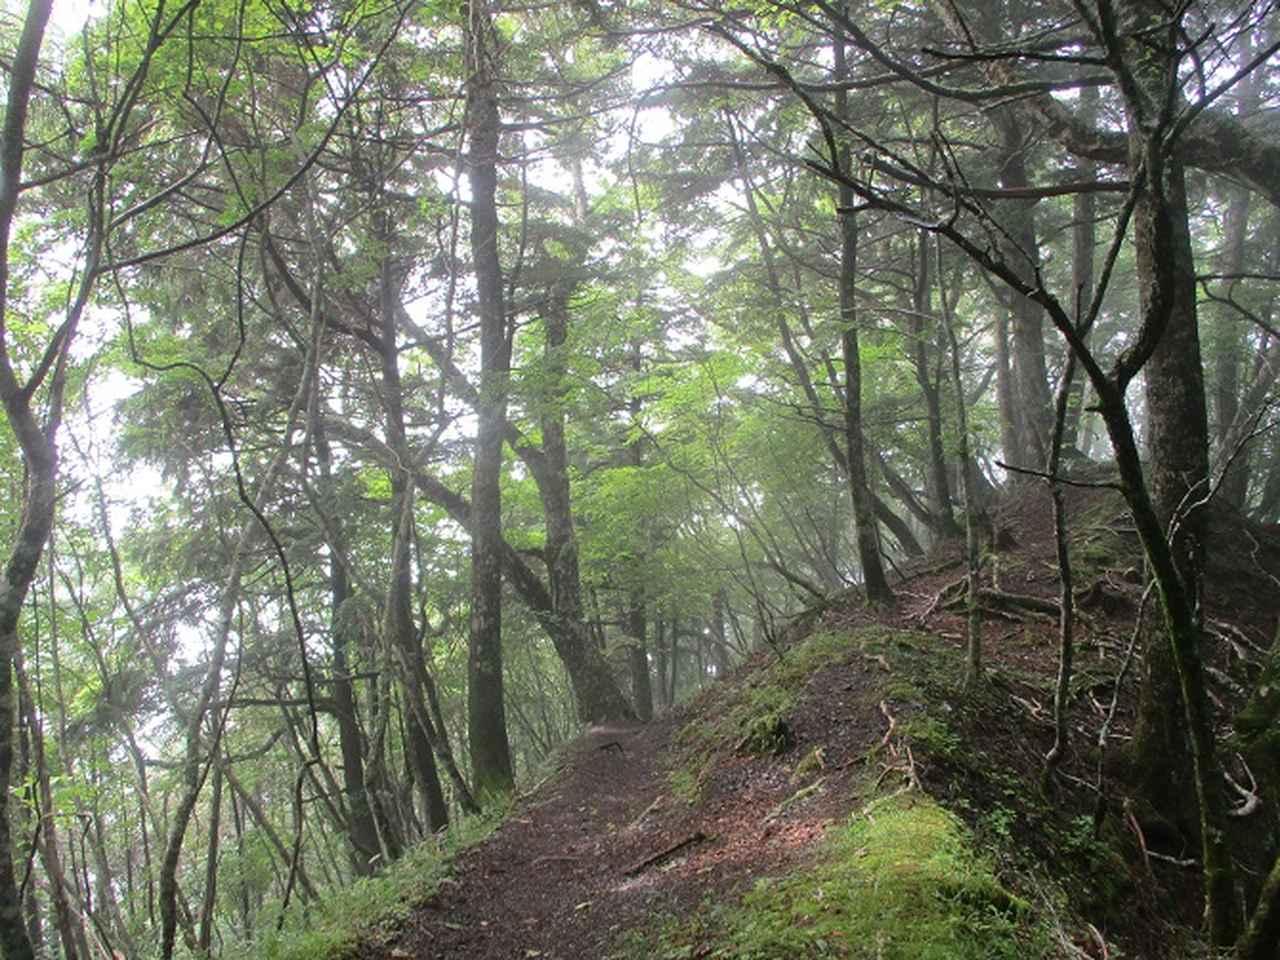 画像13: 来年夏のツアーの素材を探して南アルプスの 鳳凰三山 を歩いてきました♪